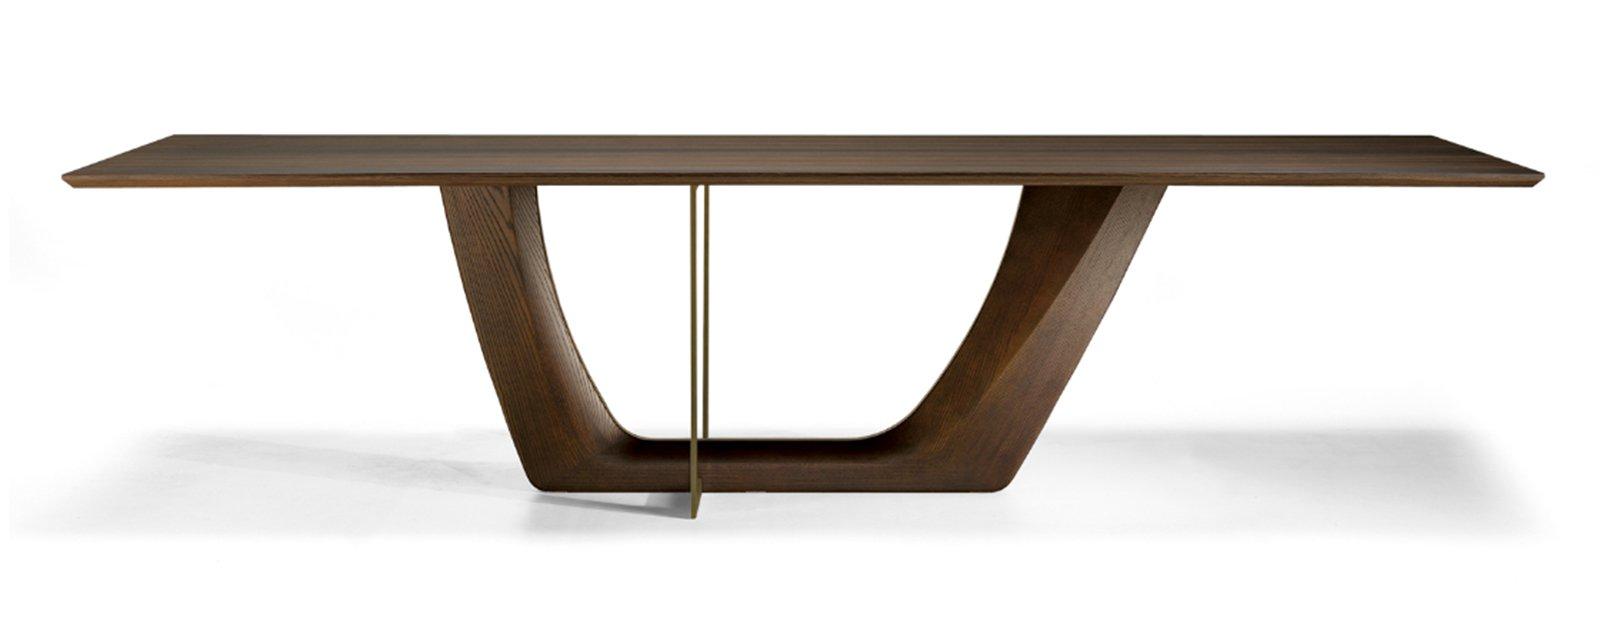 Tavolo Con Gamba Centrale Allungabile tavoli con sostegno centrale - cose di casa